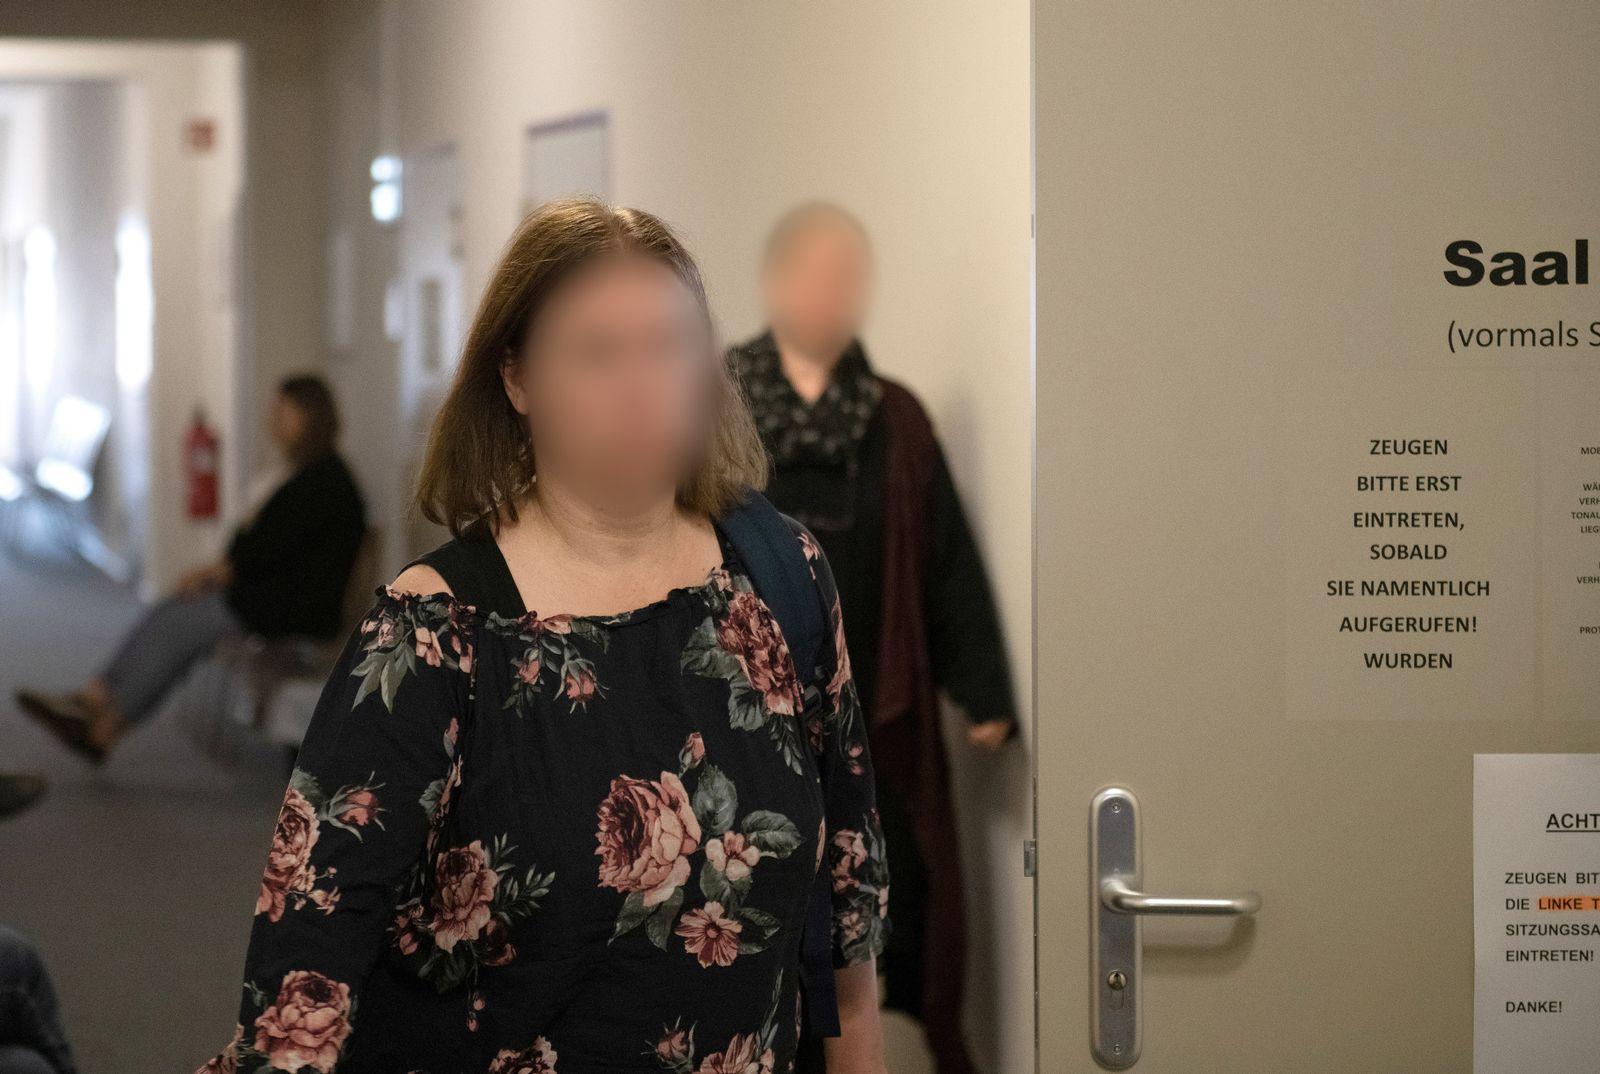 Vierfache Mutter wegen Misshandlung vor Gericht